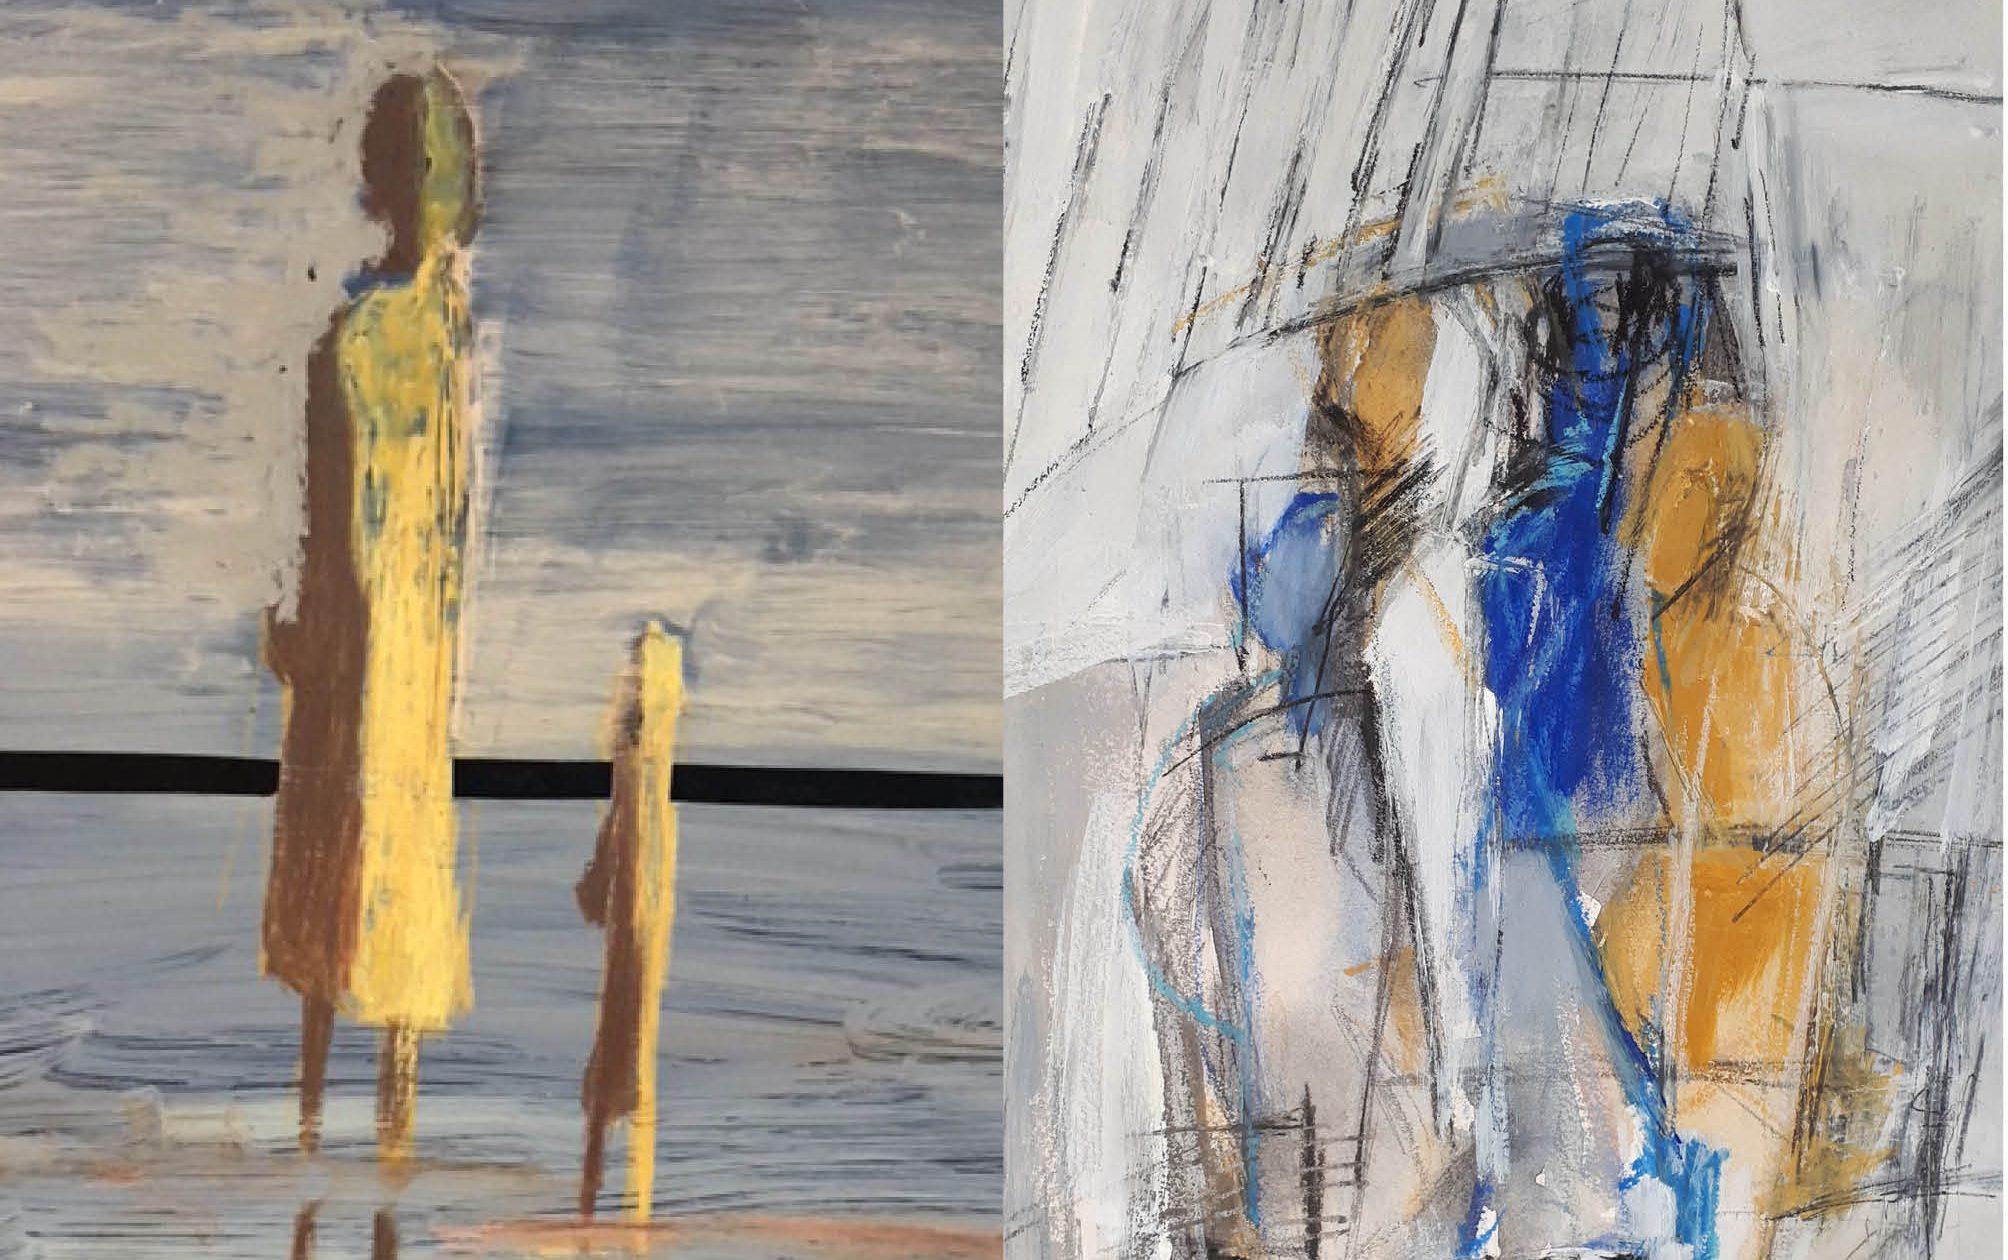 Ausstellung, Bilder, Kunst, Foto, Bergedorf-Süd, Historischer Bahnhof, Regionaler Tipp, Karin Lieschke, Elke Pieprzyk, Bergedorfer Blog